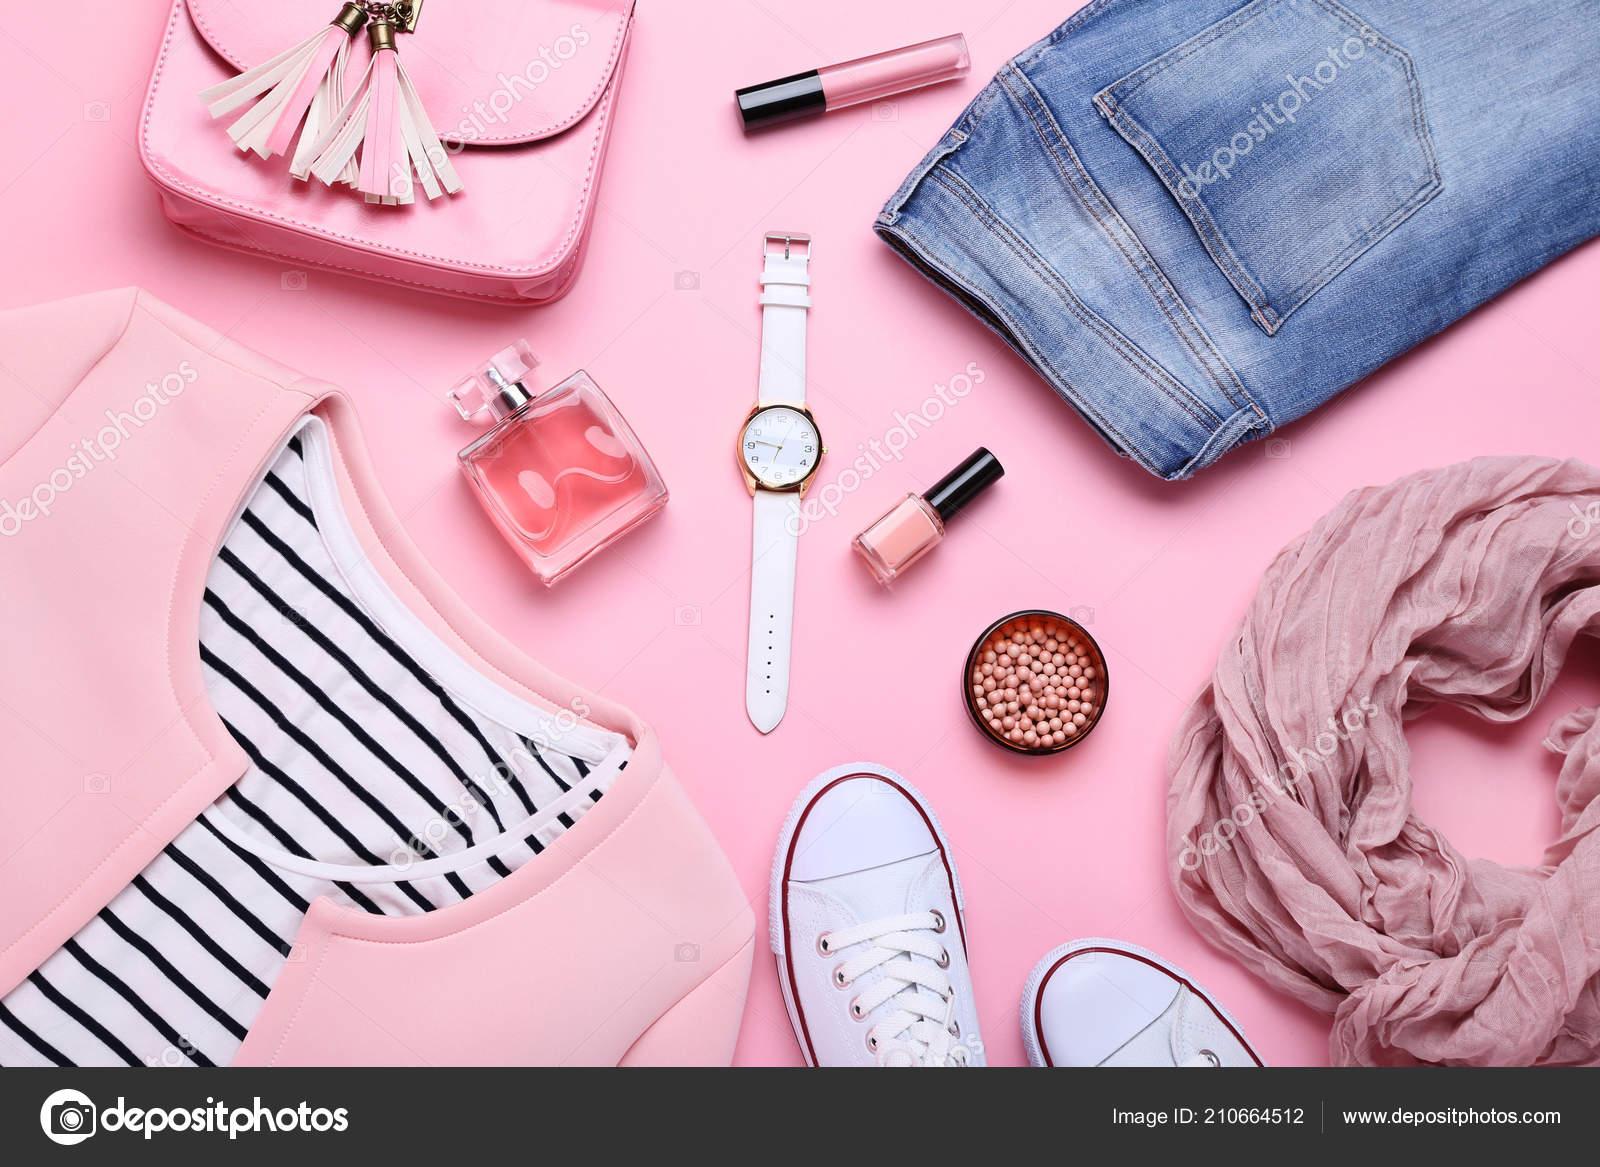 6307754ca7e5 Roupas Moda Feminina Com Acessórios Frasco Perfume Fundo Rosa — Fotografia  de Stock